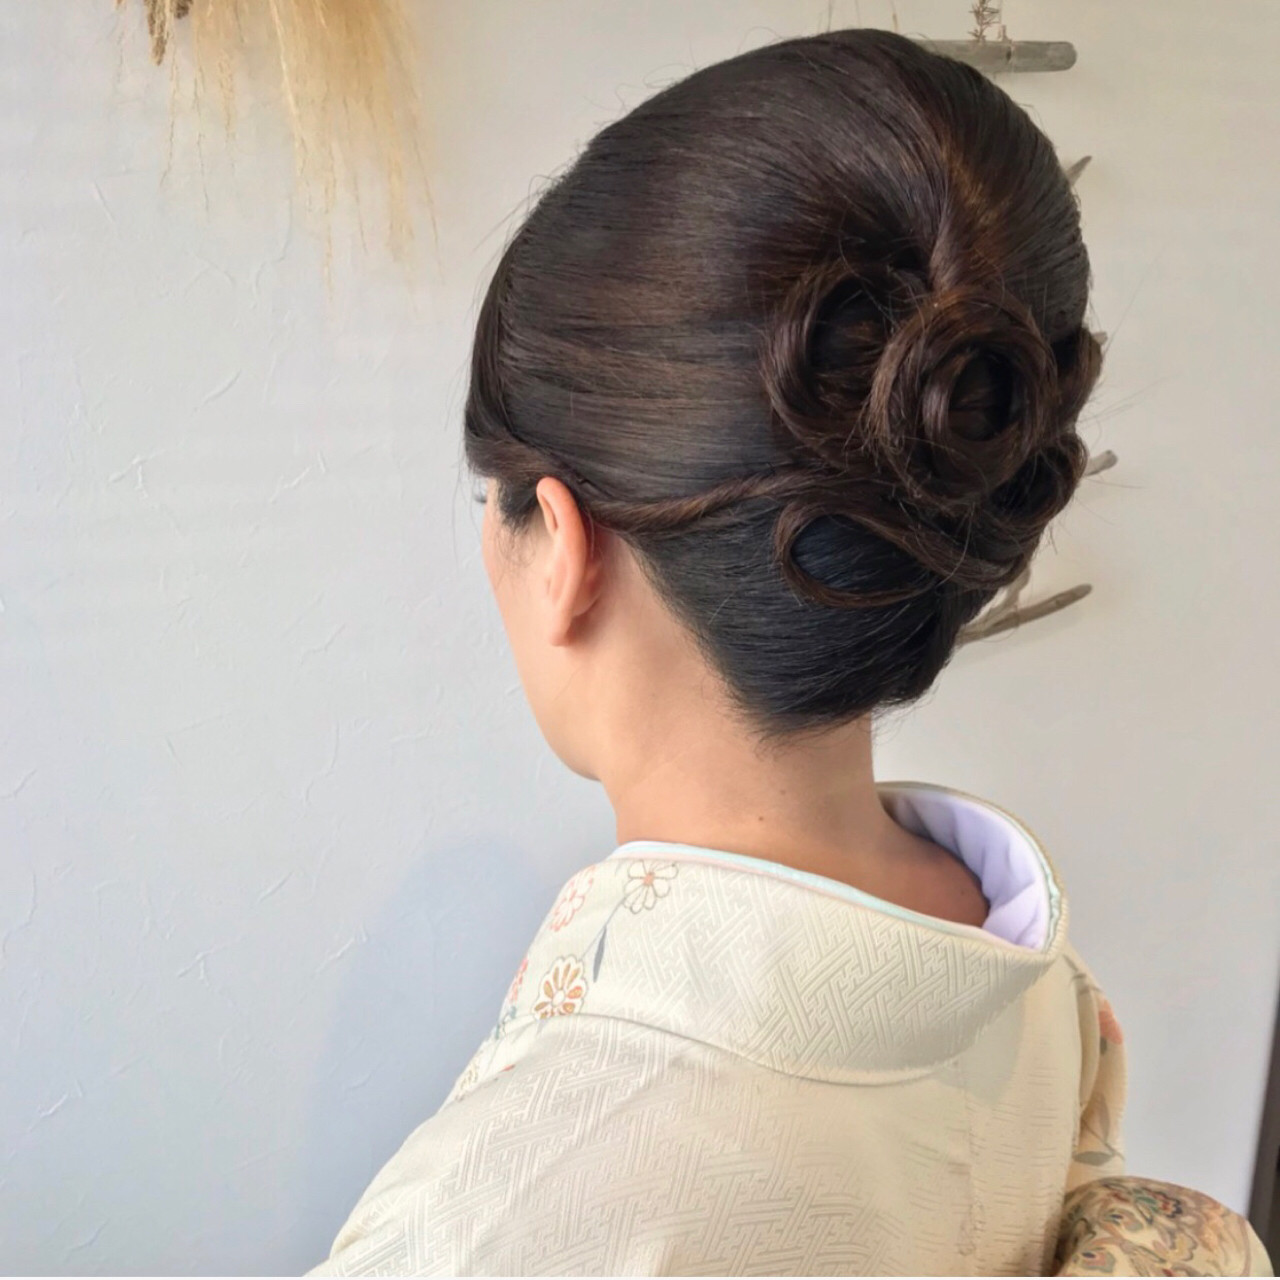 和装 ヘアアレンジ ロング 上品 ヘアスタイルや髪型の写真・画像 | 平野ちなみ / Petit chou chou